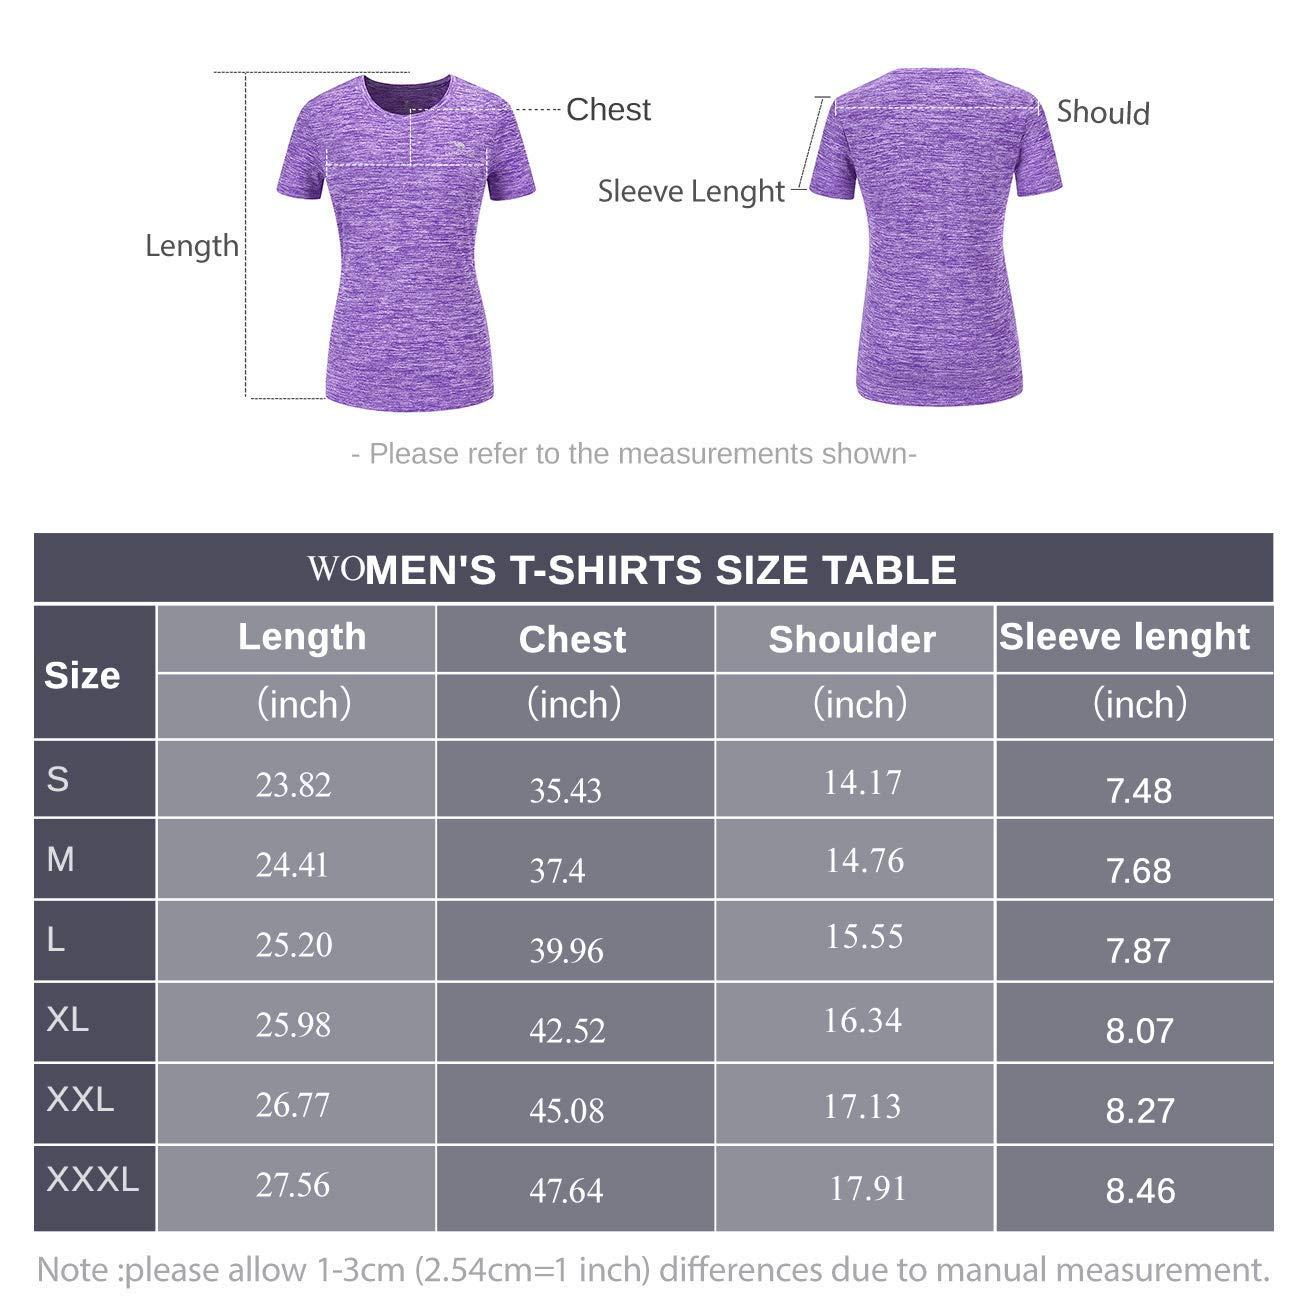 CAMEL CROWN Maglia T-Shirt Sportiva Donna Tee Maglietta A Maniche Corte Camicie Traspirante Sportive Estate Asciugatura Rapida Sport Esercizio Formazione Fitness Yoga Corsa Trainingsshirt